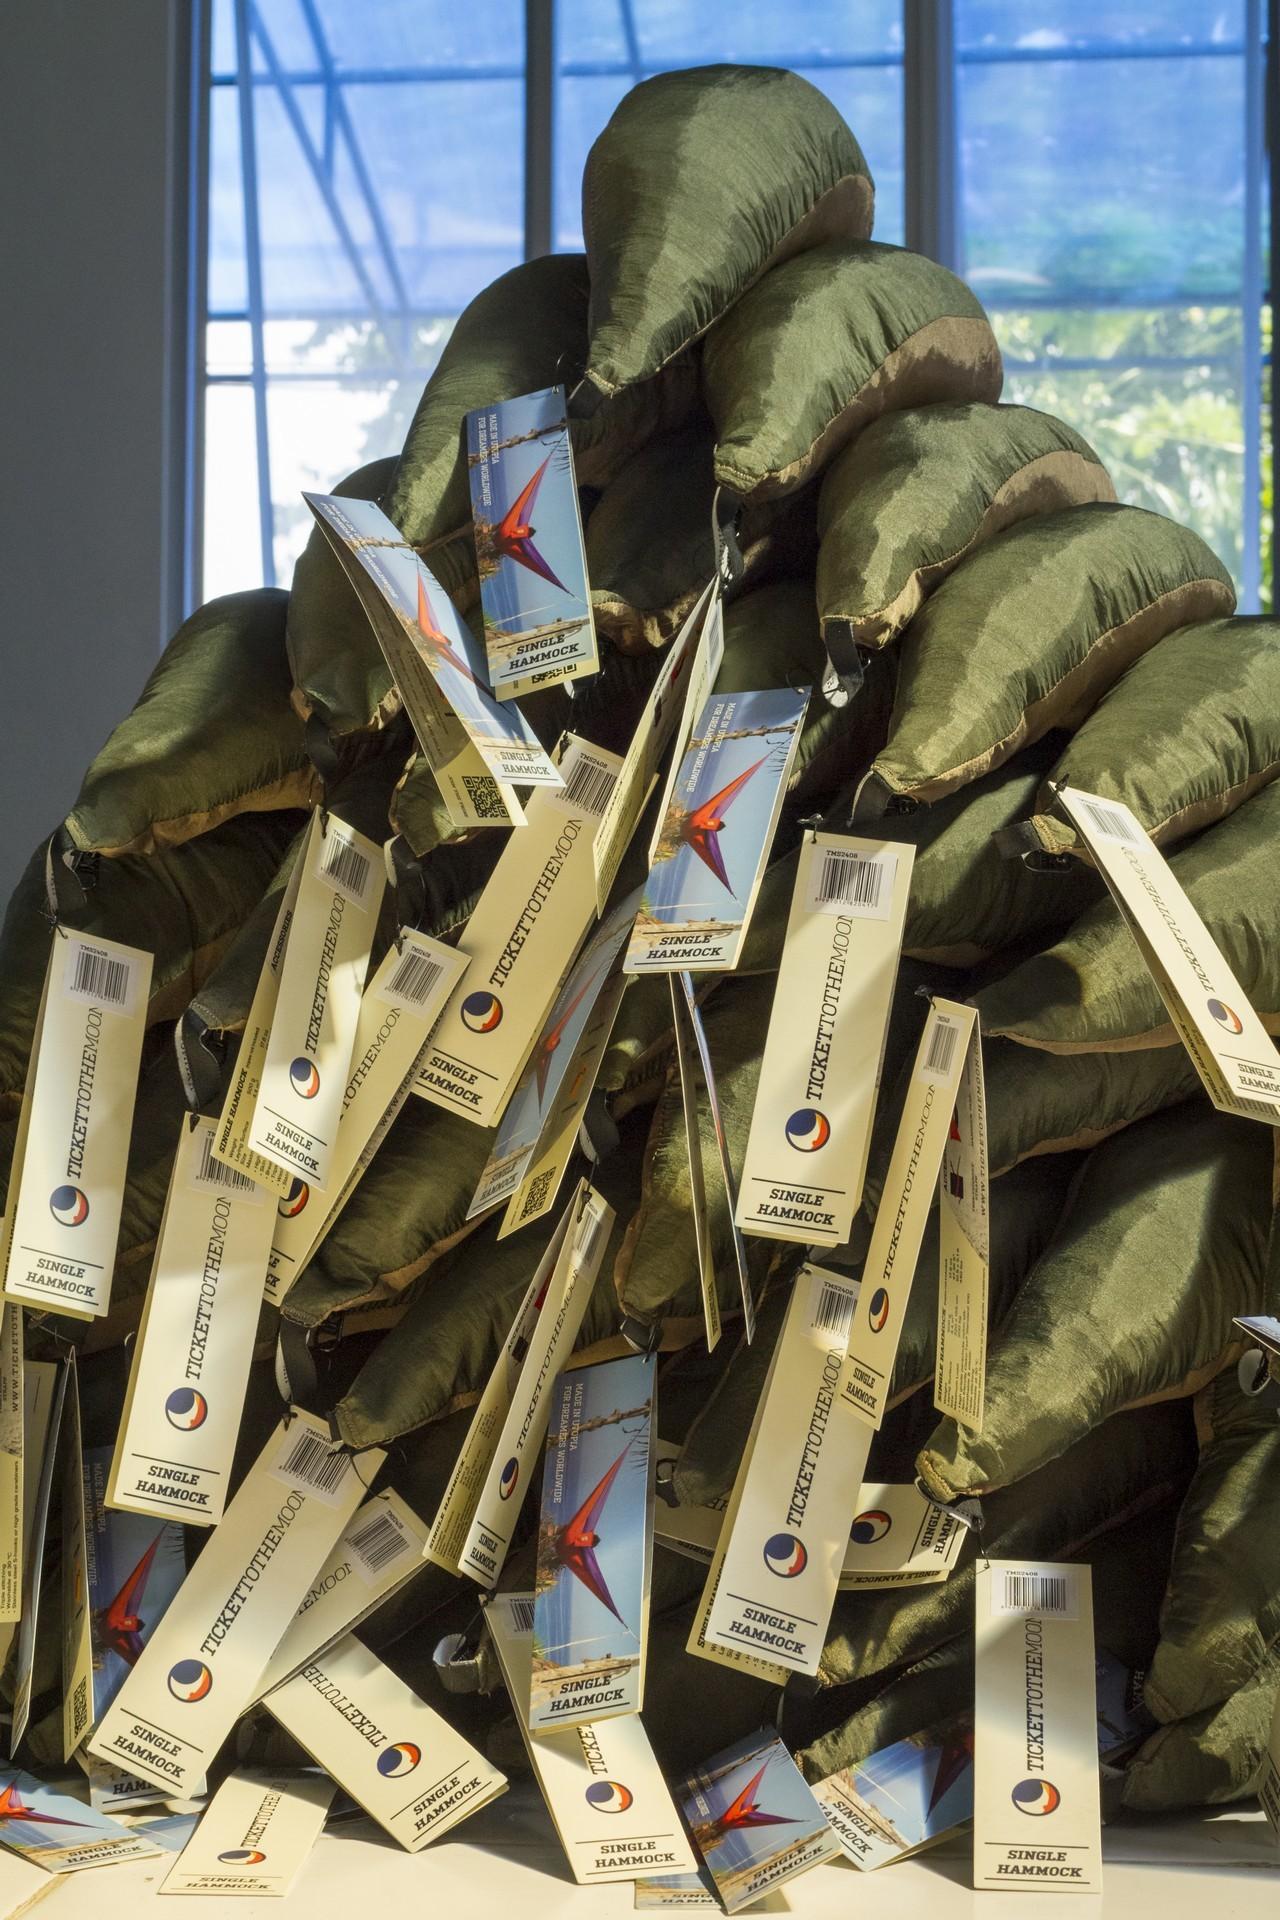 Гамаки в компактной упаковке на фабрике гамаков.